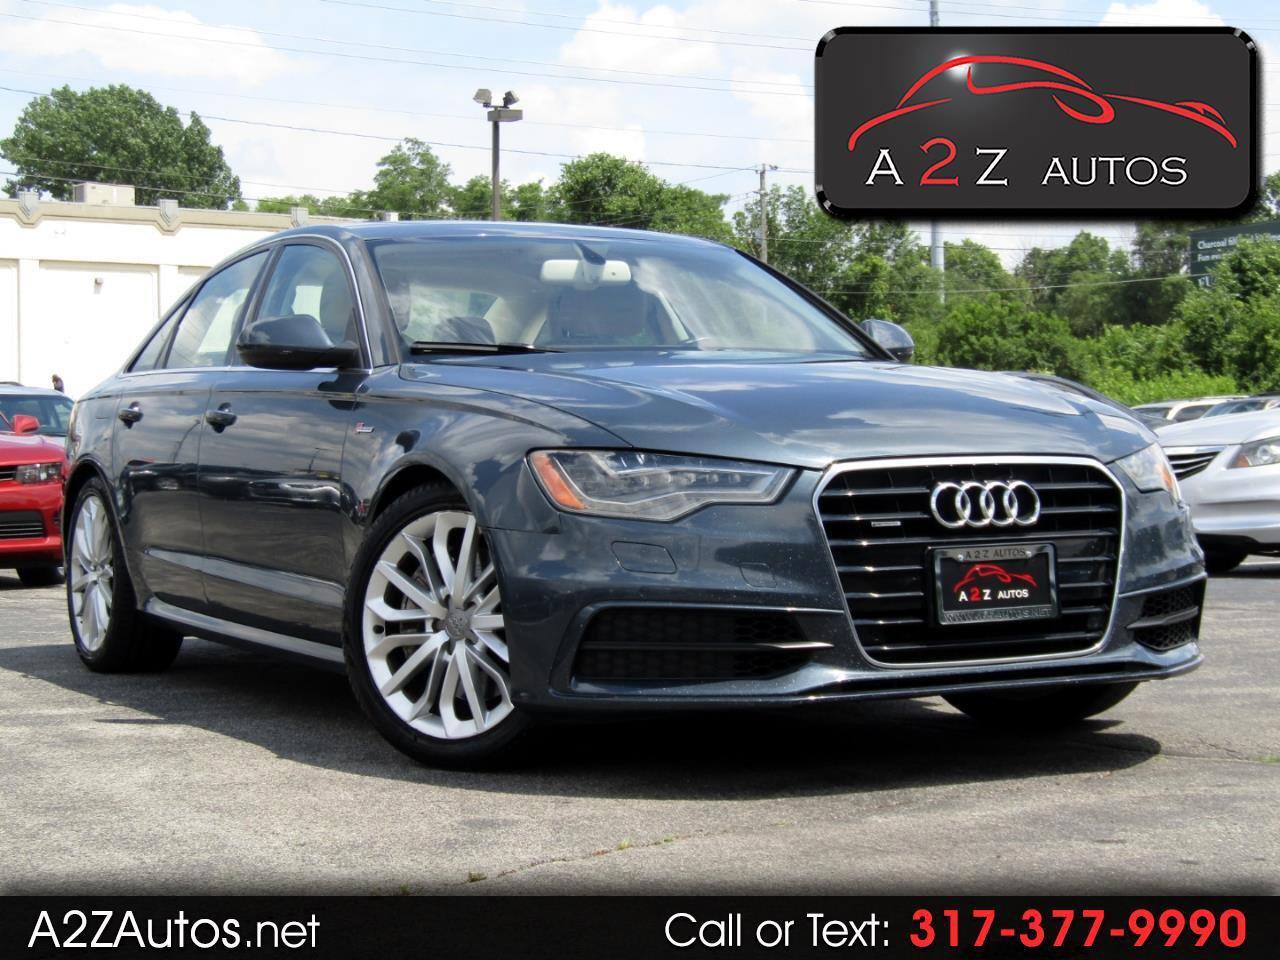 2012 Audi A6 3.0T Premium quattro image